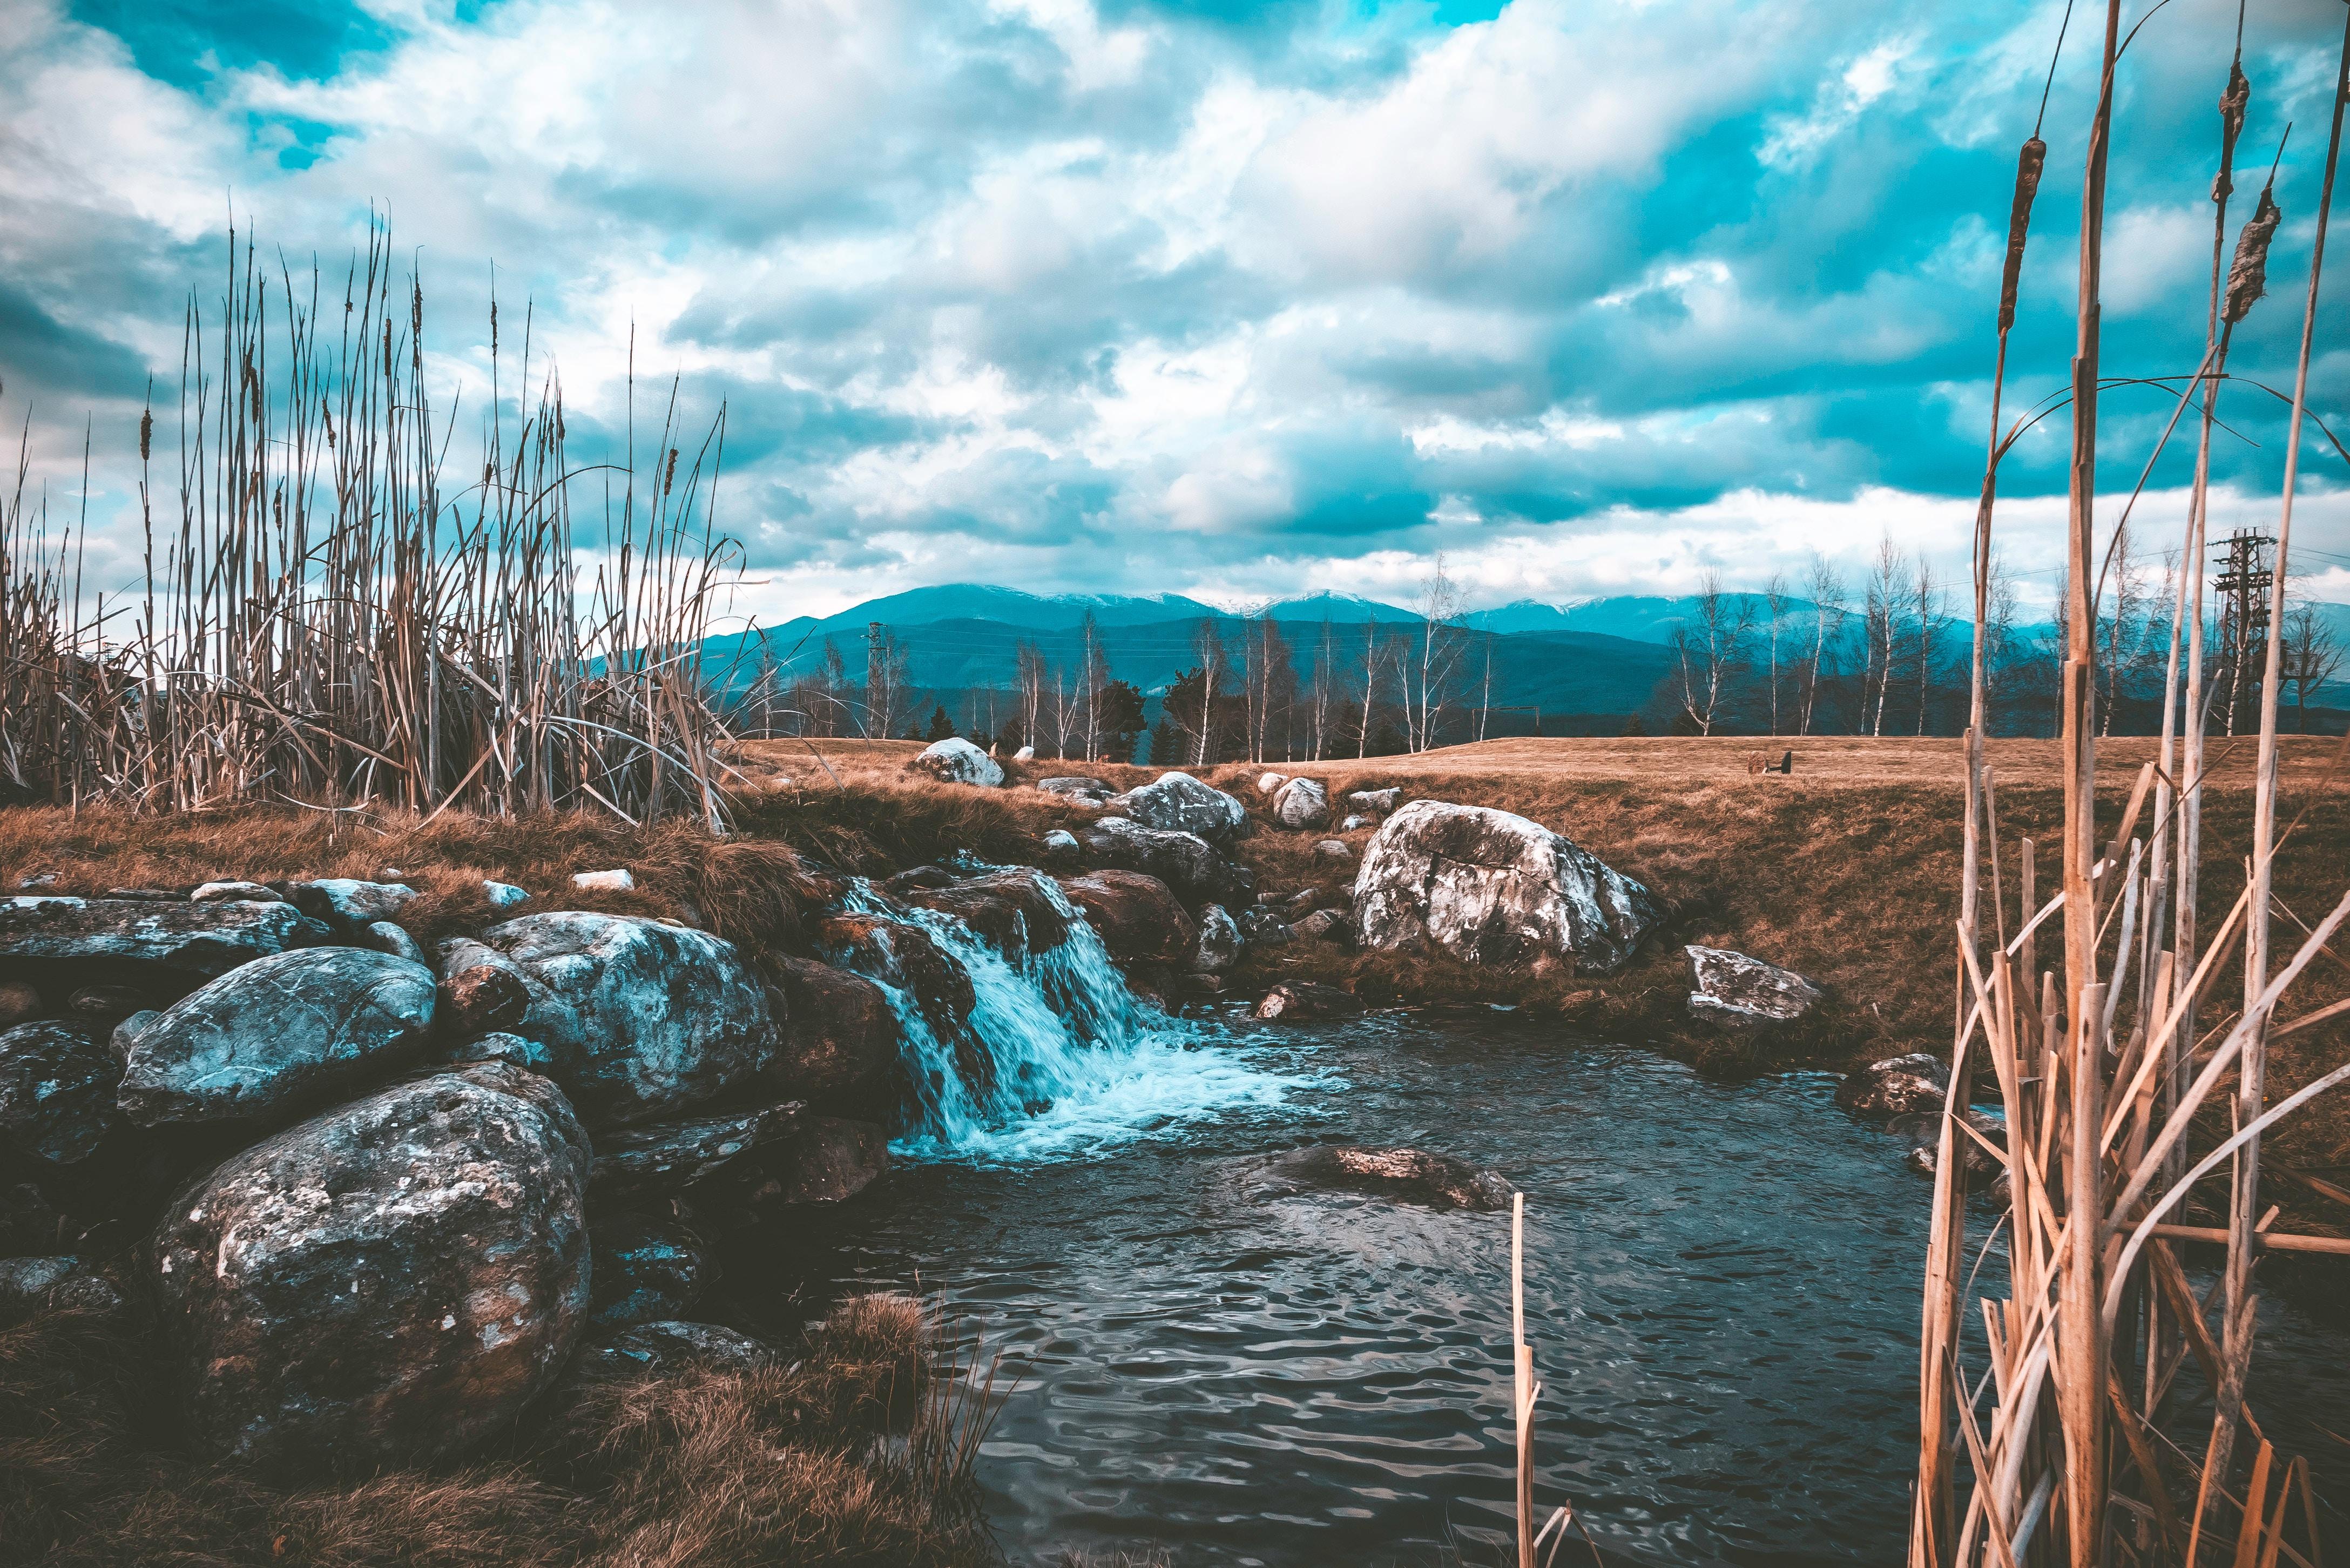 109168 завантажити шпалери Вода, Природа, Трава, Камені, Потік, Струмок, Брук - заставки і картинки безкоштовно